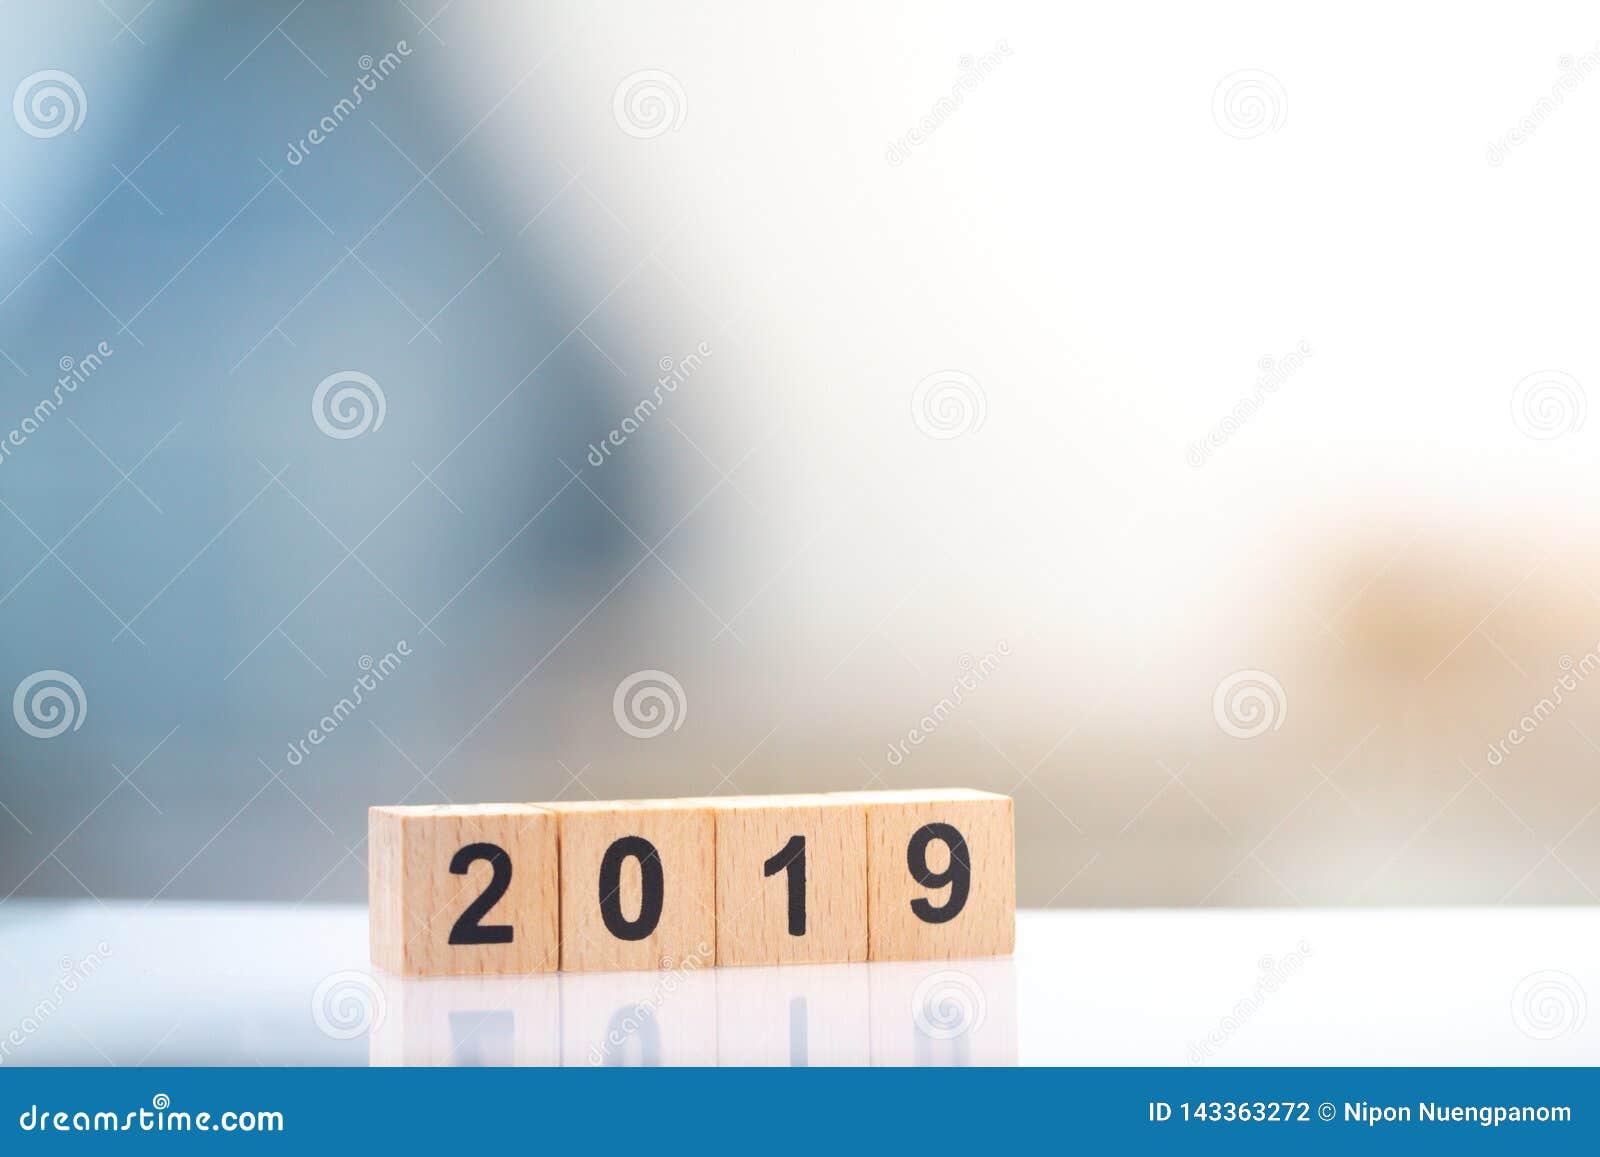 Número de bloco de madeira do ano 2019 para o negócio e o projeto gráfico